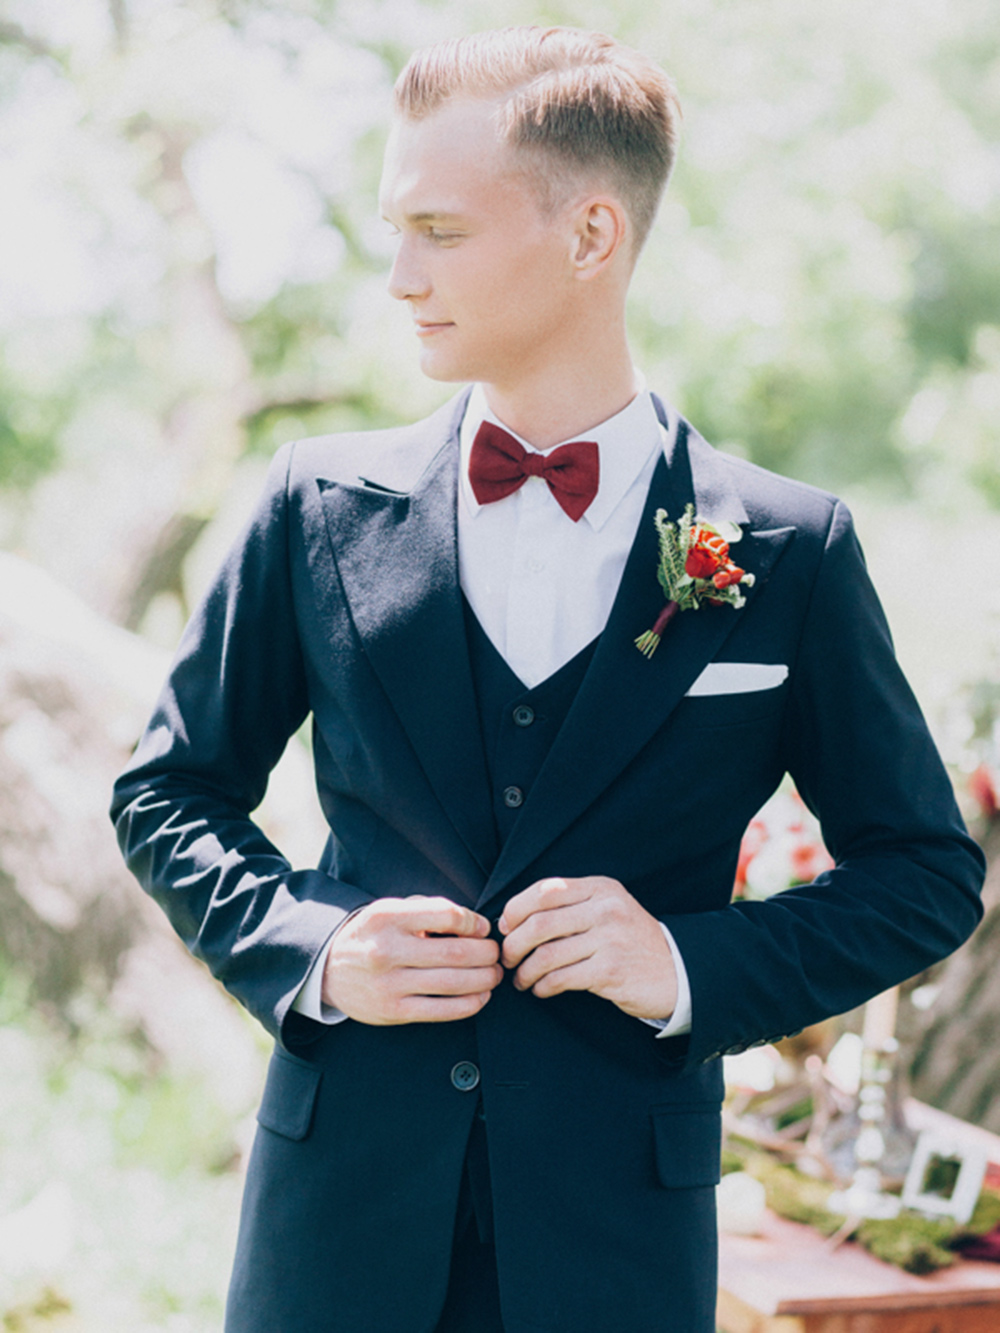 На свадьбе уродственников были занятия поинтереснее, чем вычисление процента полиэстера вткани, изкоторой сделан костюм жениха. Даи выглядит, согласитесь, неплохо